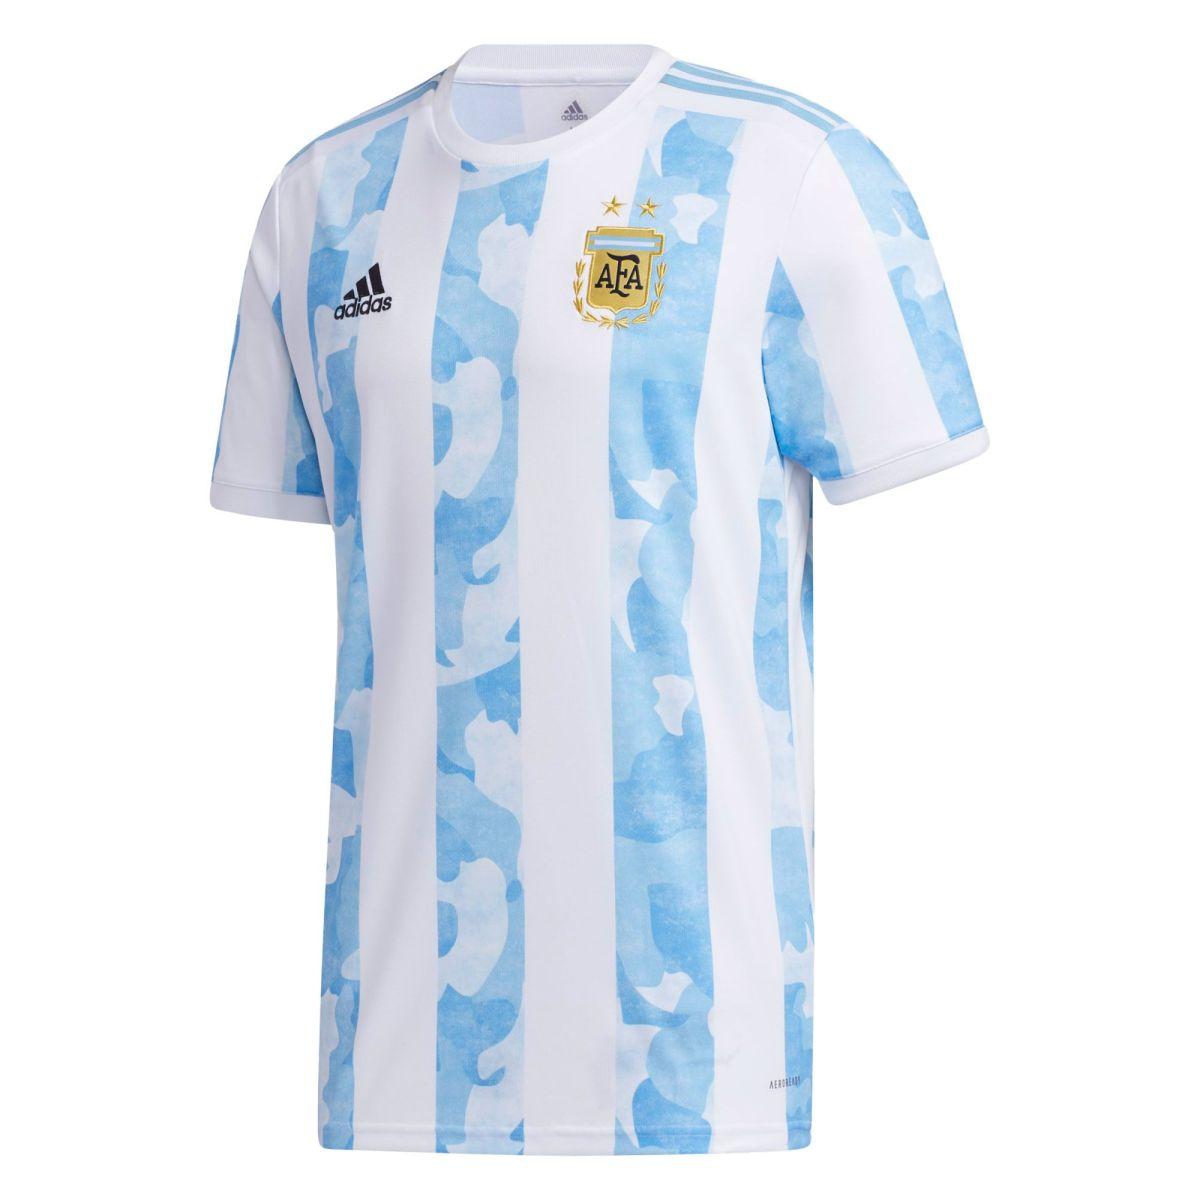 camiseta argentina copa américa